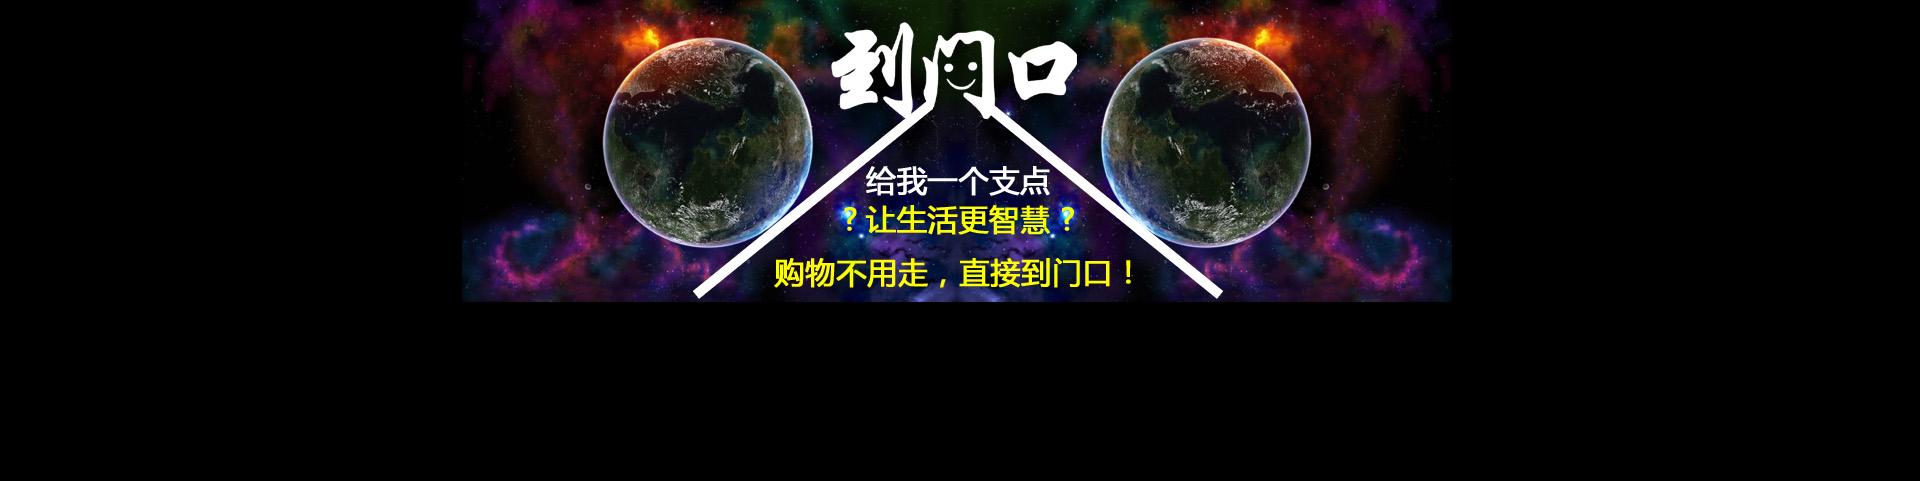 .com .cn .net域名注册 互联网最低价